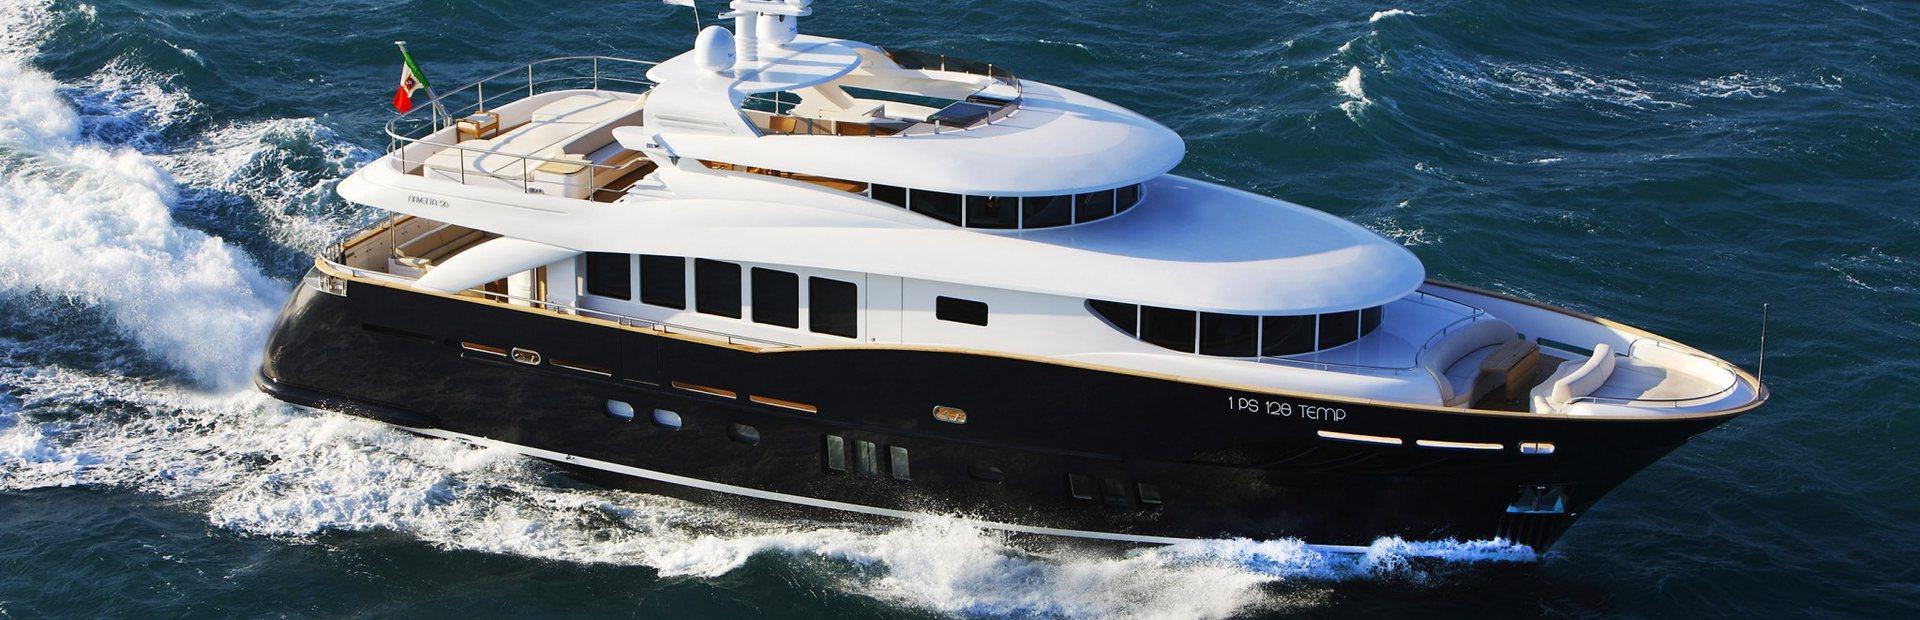 Navetta 26 Open Yacht Charter